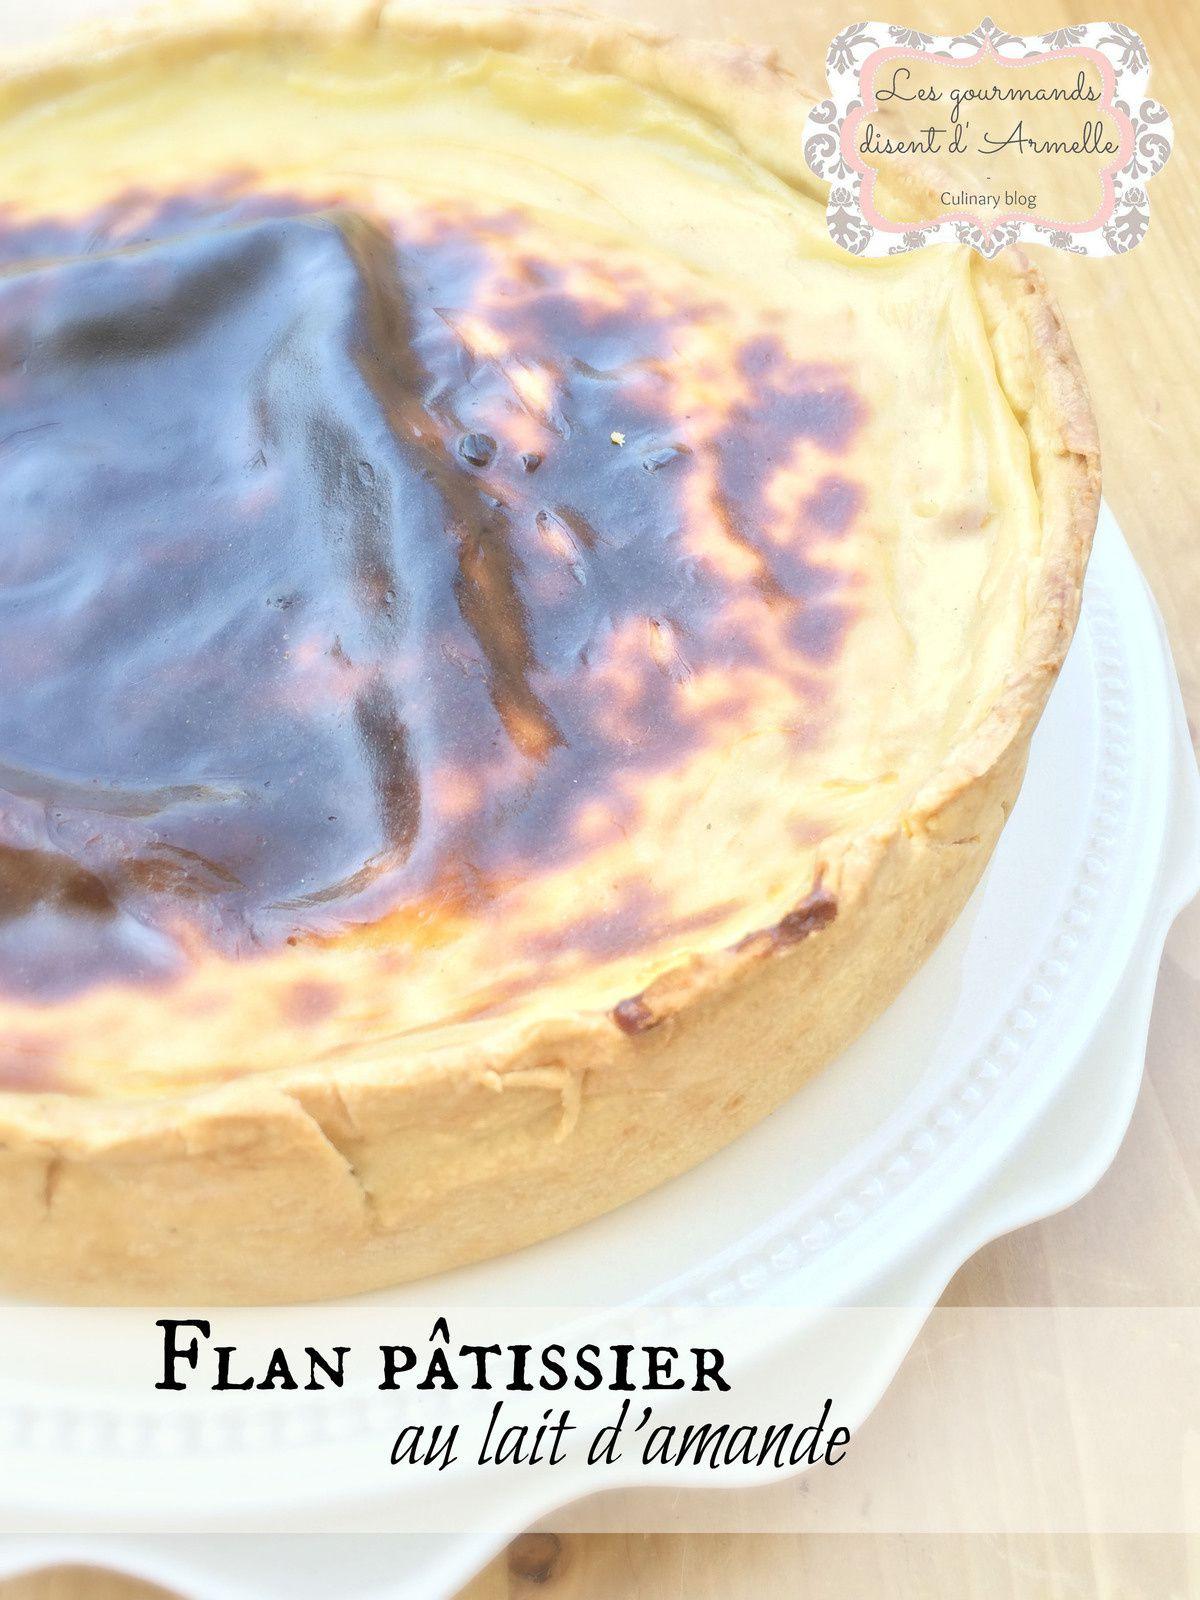 | Flan pâtissier au lait d'amande |